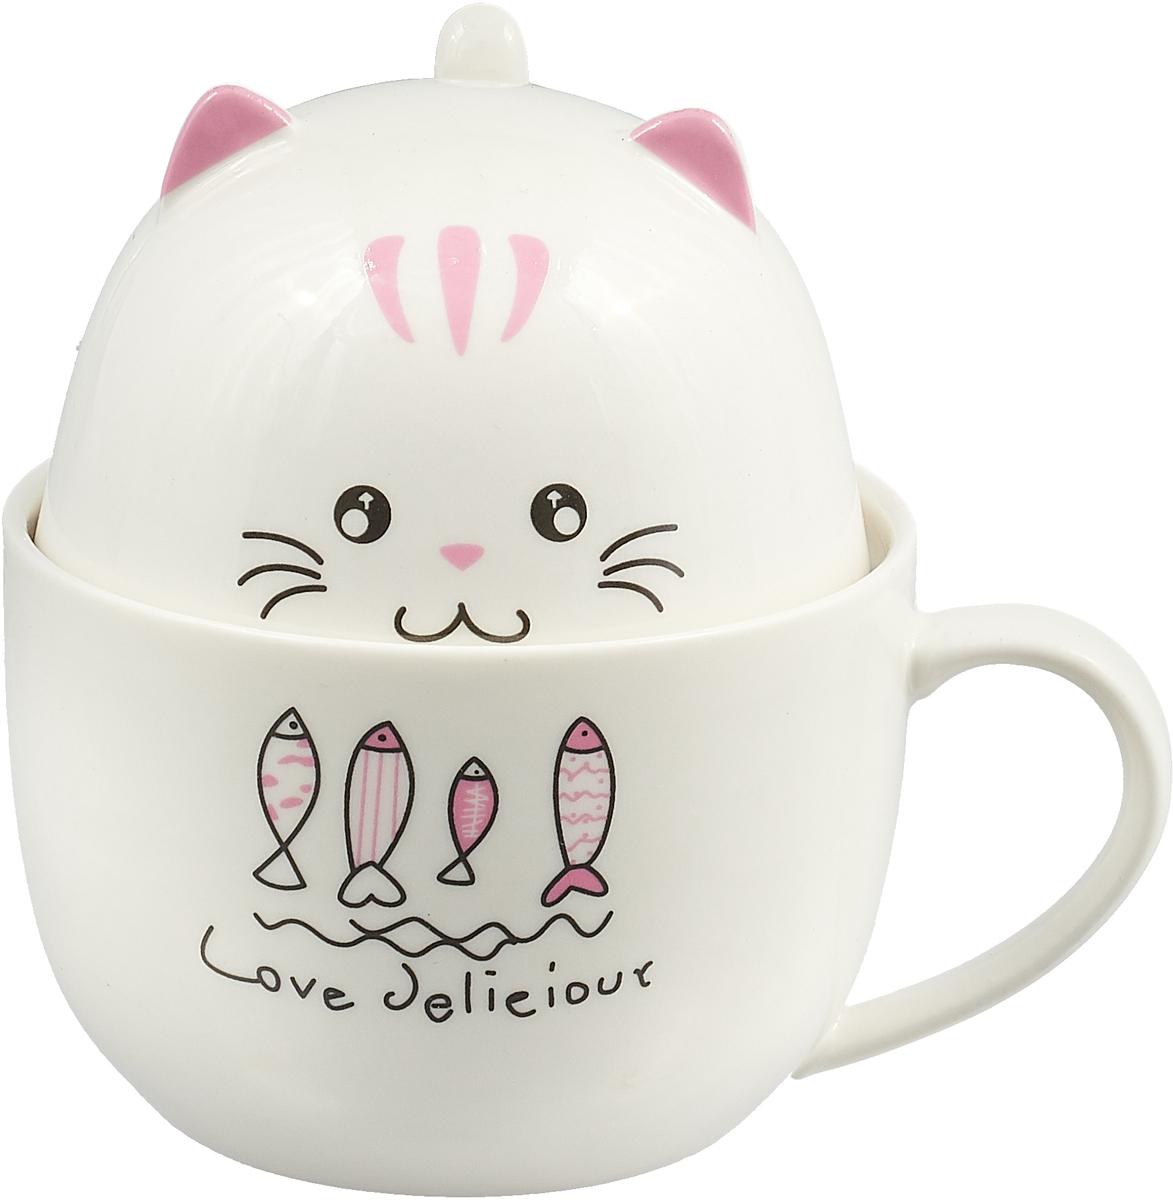 Набор из двух чашек - побольше и поменьше размером, - в собранном виде изображает фигурку толстого котика. На животе кота рисунок и надпись, сообщающая, что всякий котик любит полакомиться вкусненьким. Милый и удобный для хранения семейный чайный сет наверняка порадует ваших домочадцев. Кружка-котик с крышкой (второй кружечкой).   Материал: керамика.  Упаковка - красочный картон.  Размеры упаковки: 13 х 12 х 12 см.